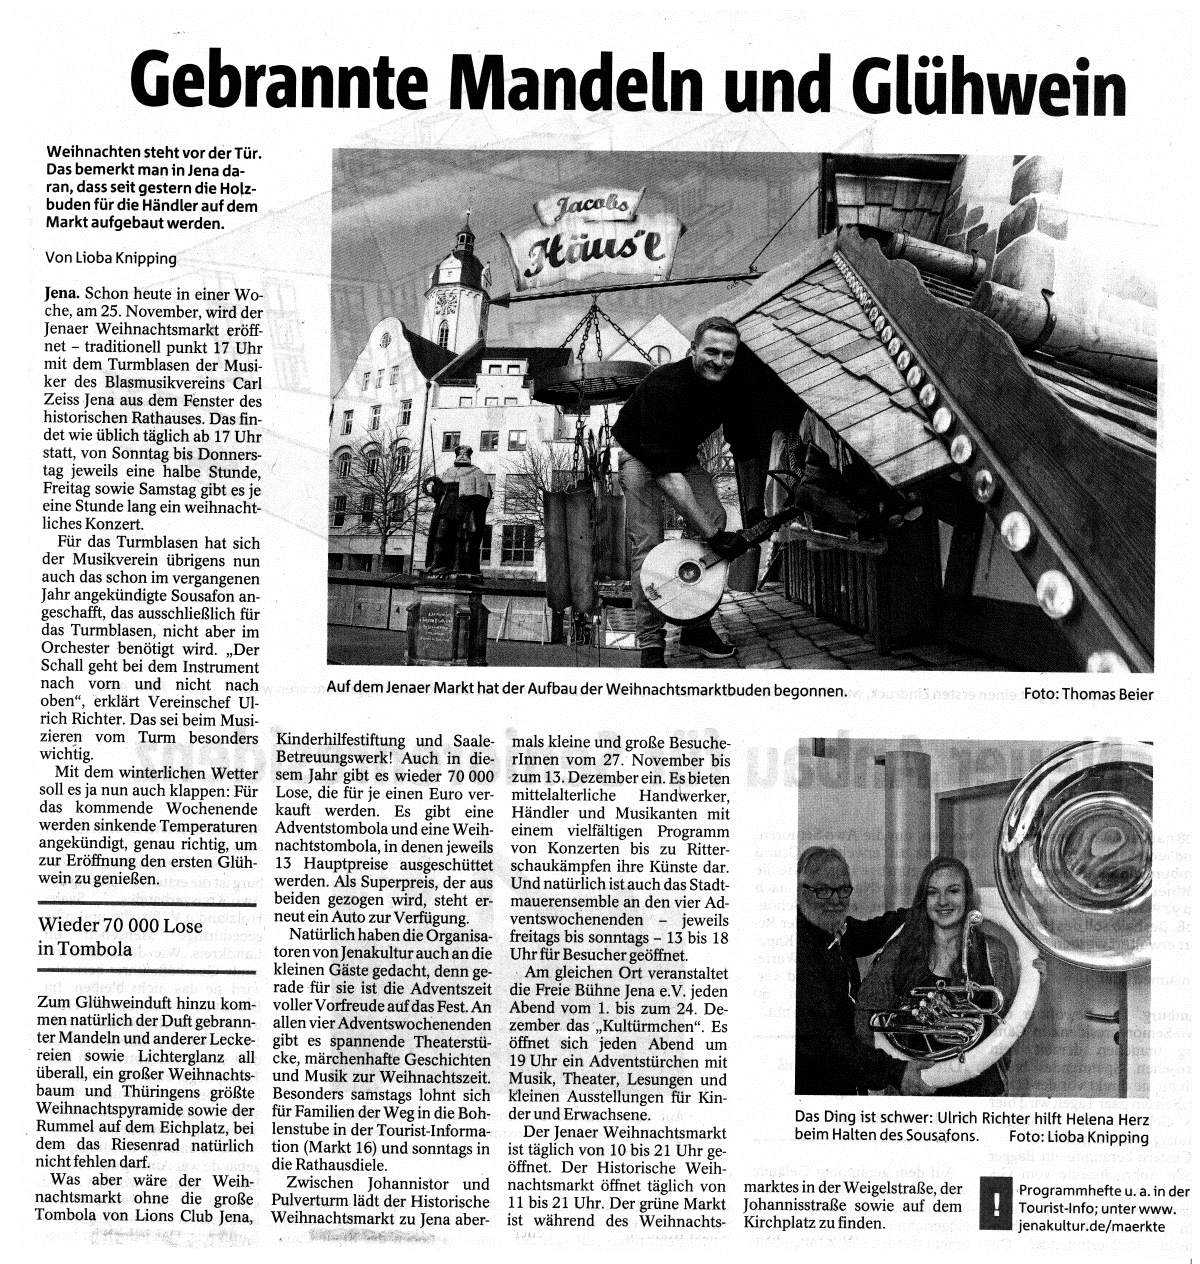 Artikel aus der TLZ vom 18.11.2015 zum Jenaer Weihnachtsmarkt und dem traditionellen Turmblasen